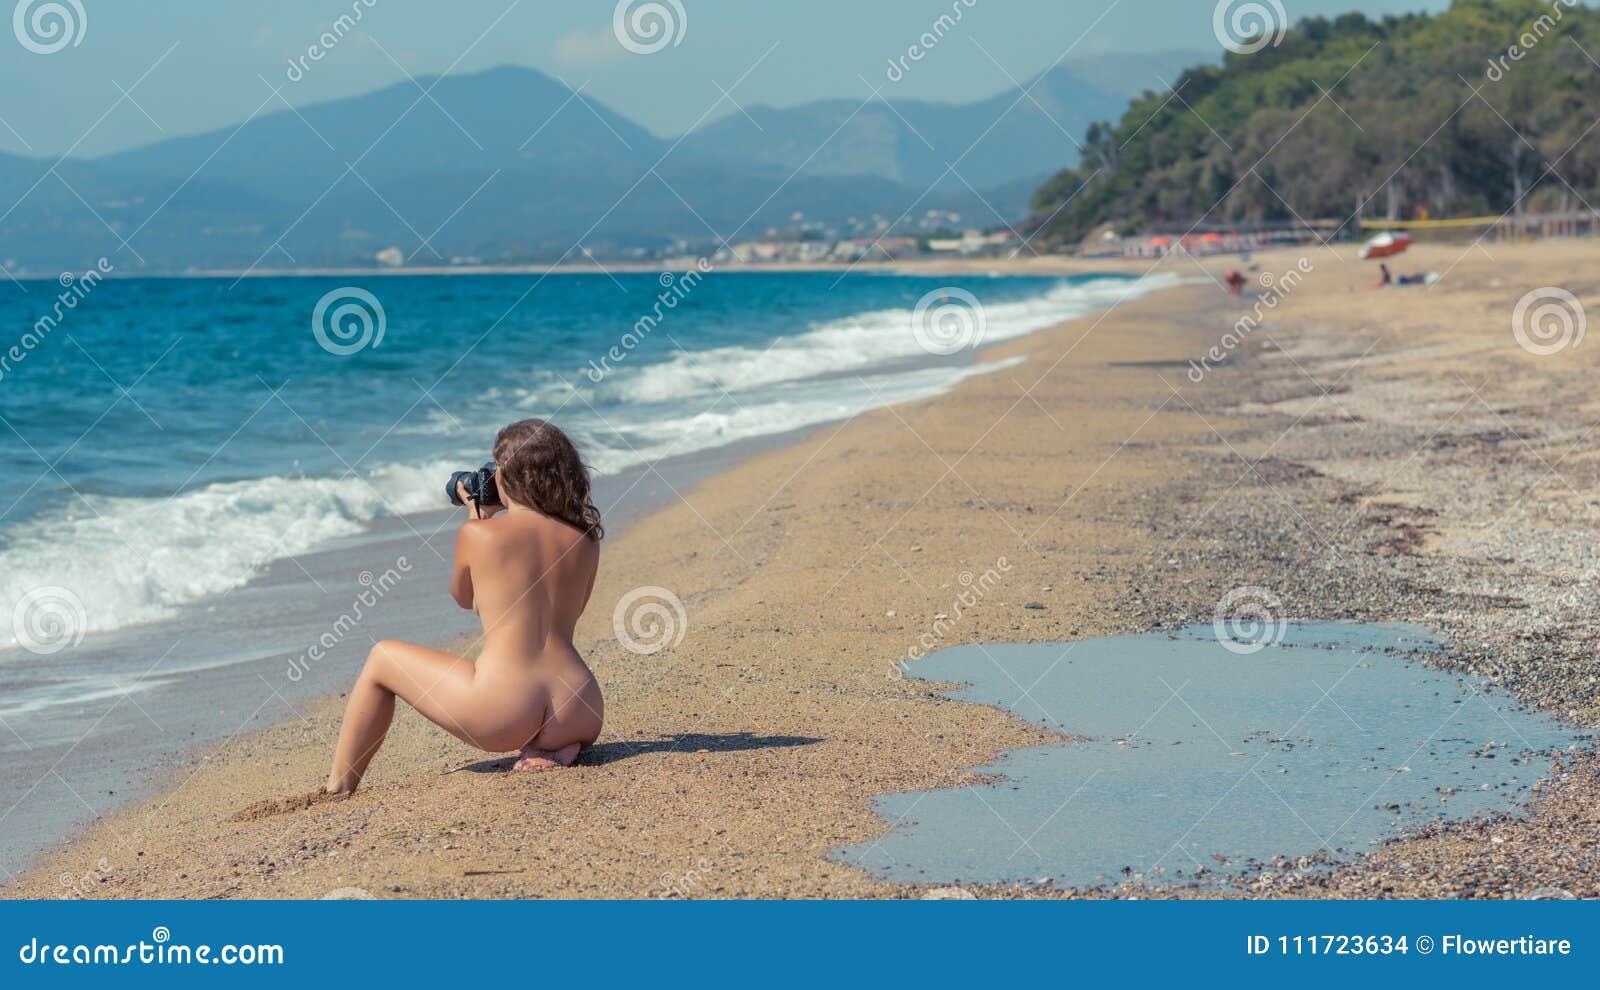 On beach nude the 🏖️ Beach